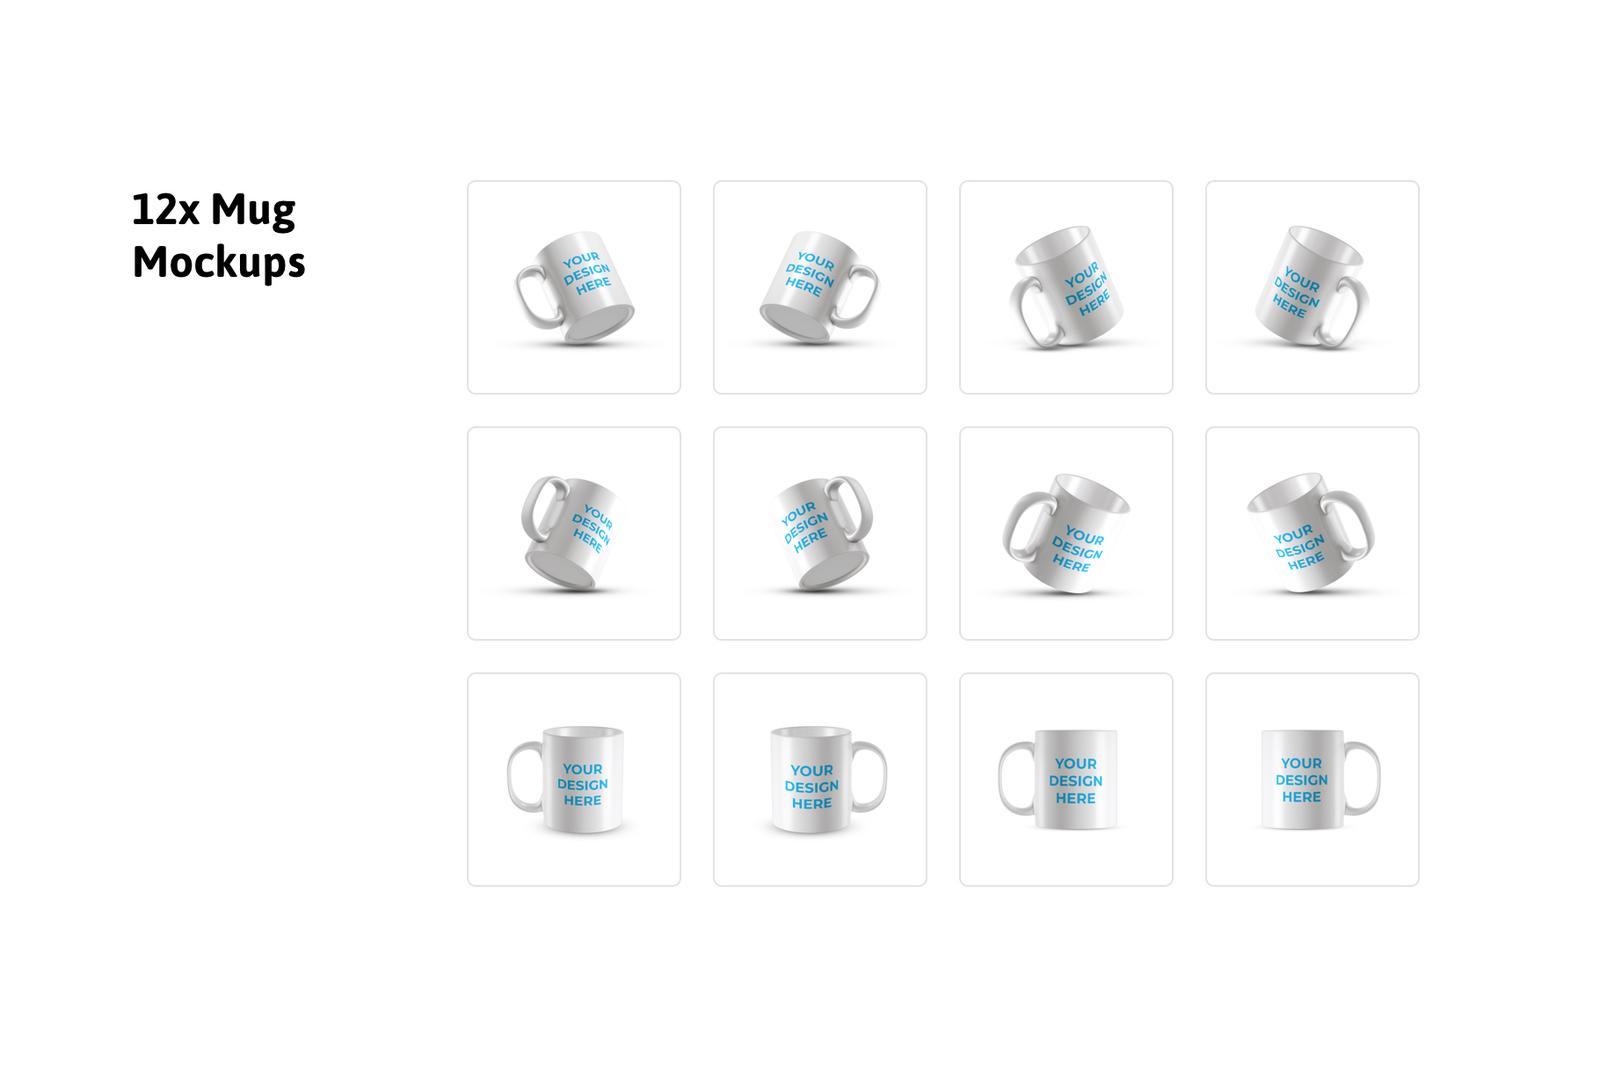 12x Mug Mockups